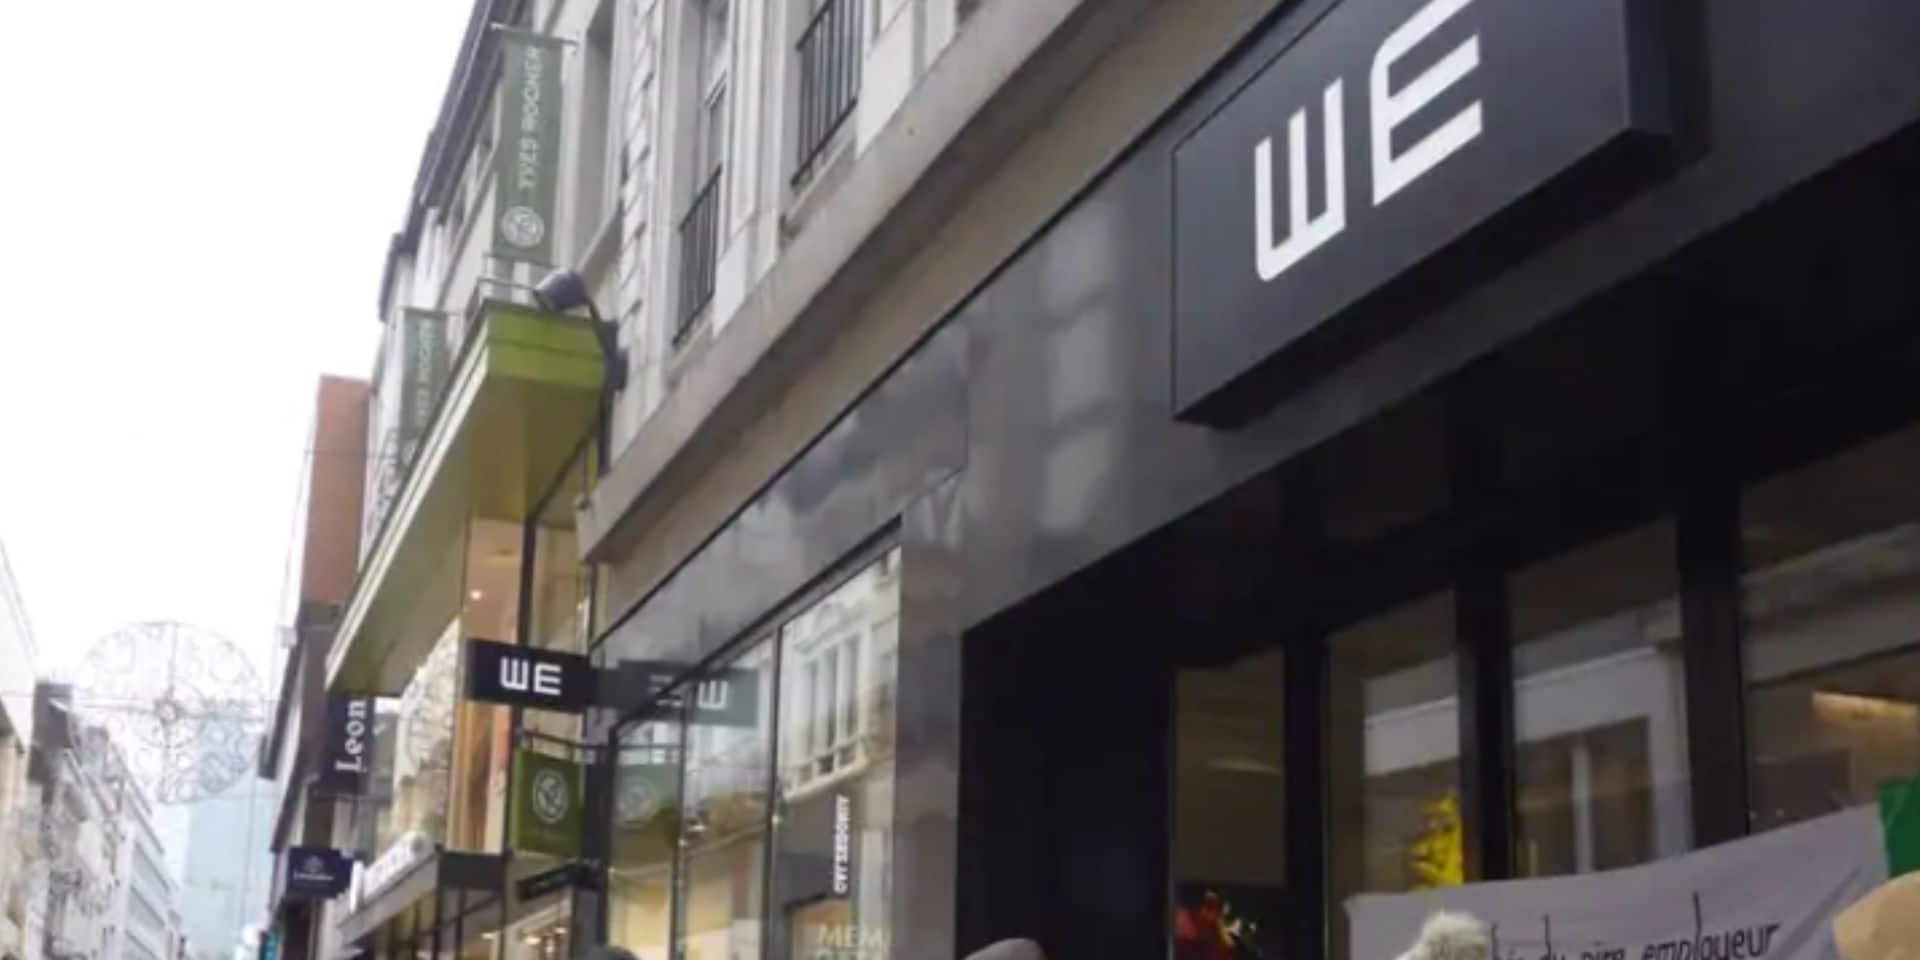 Des travailleurs en grève empêchent l'ouverture d'un magasin WE à Anderlecht